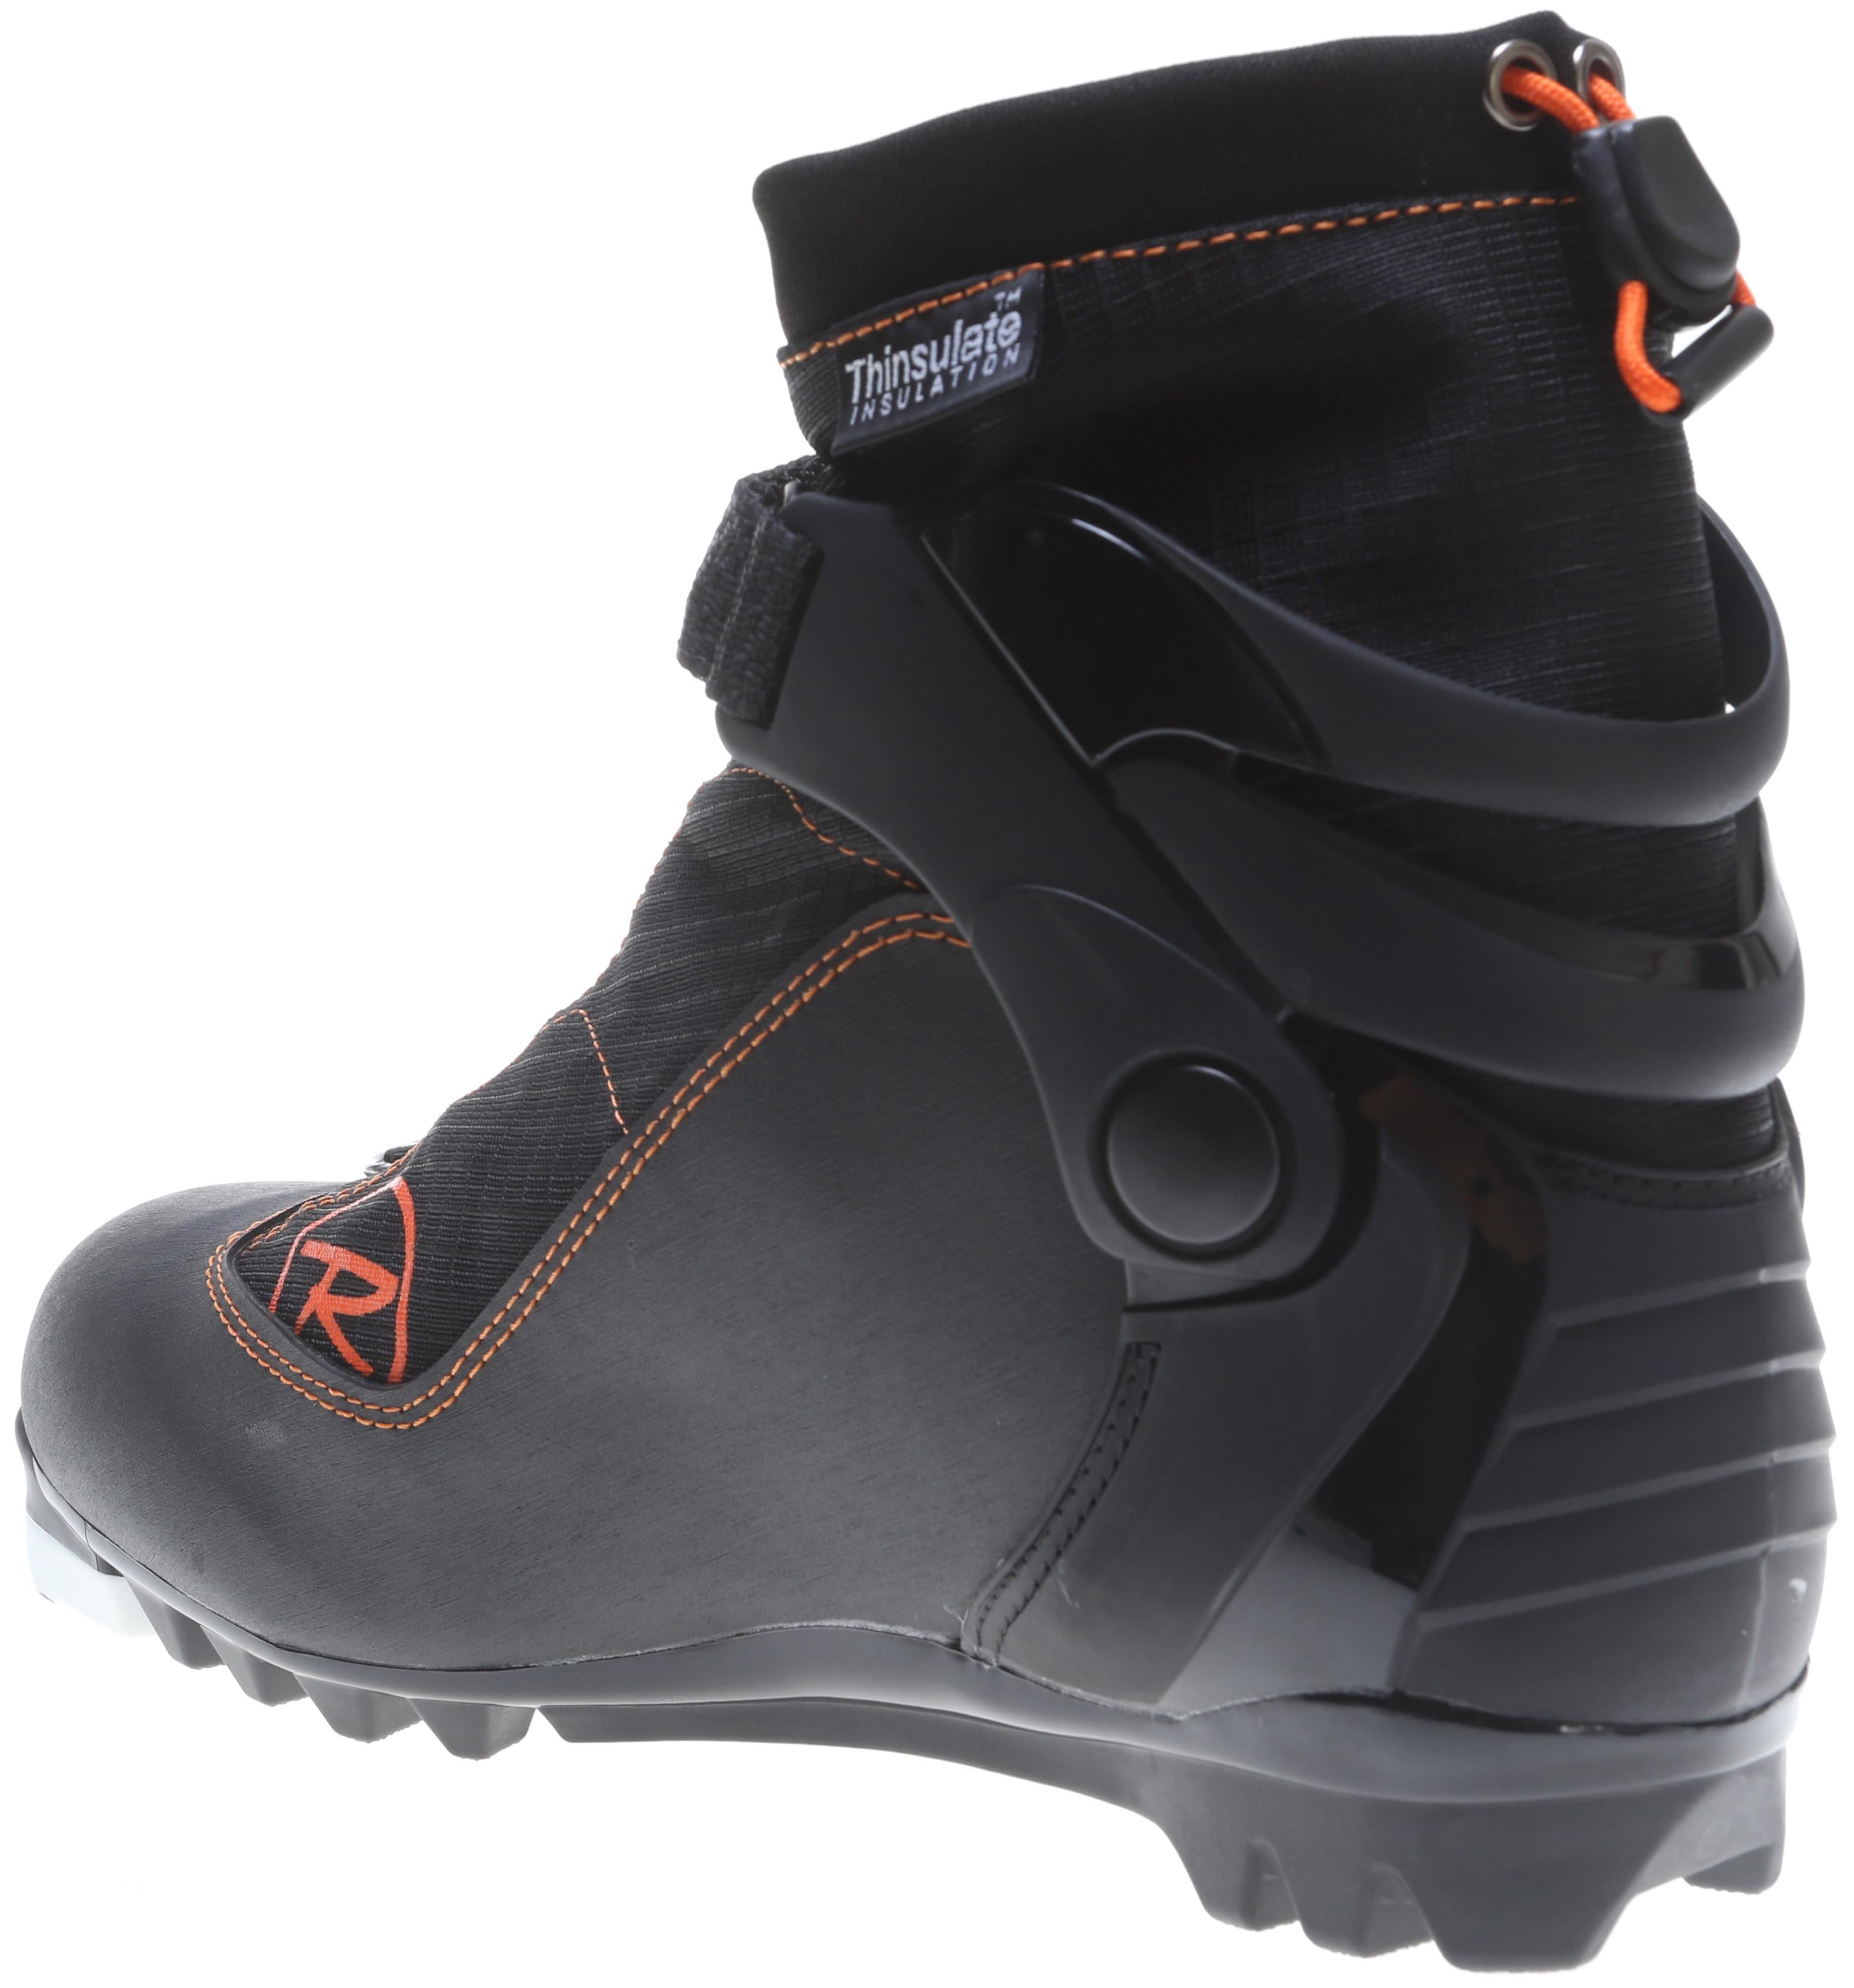 лыжные ботинки россиньоль в триал спорт